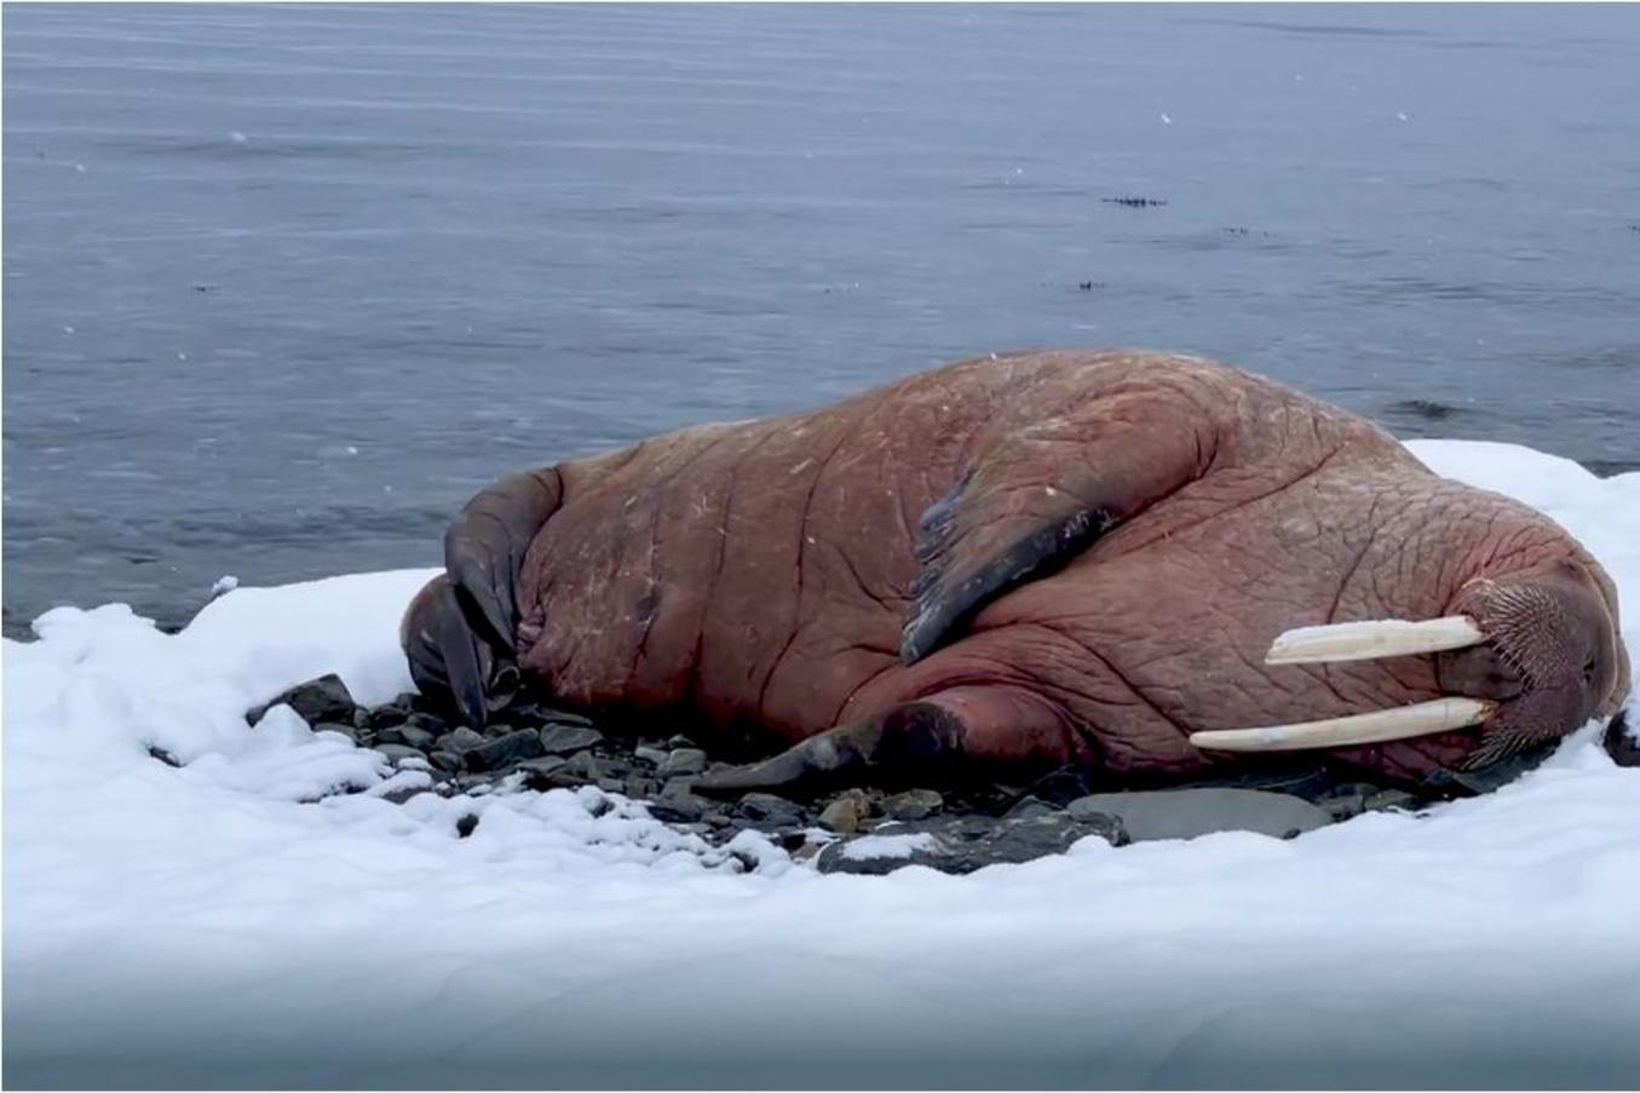 Rostungurinn liggur í makindum sínum við Repparfjorden í Hammerfest. Karldýrið …